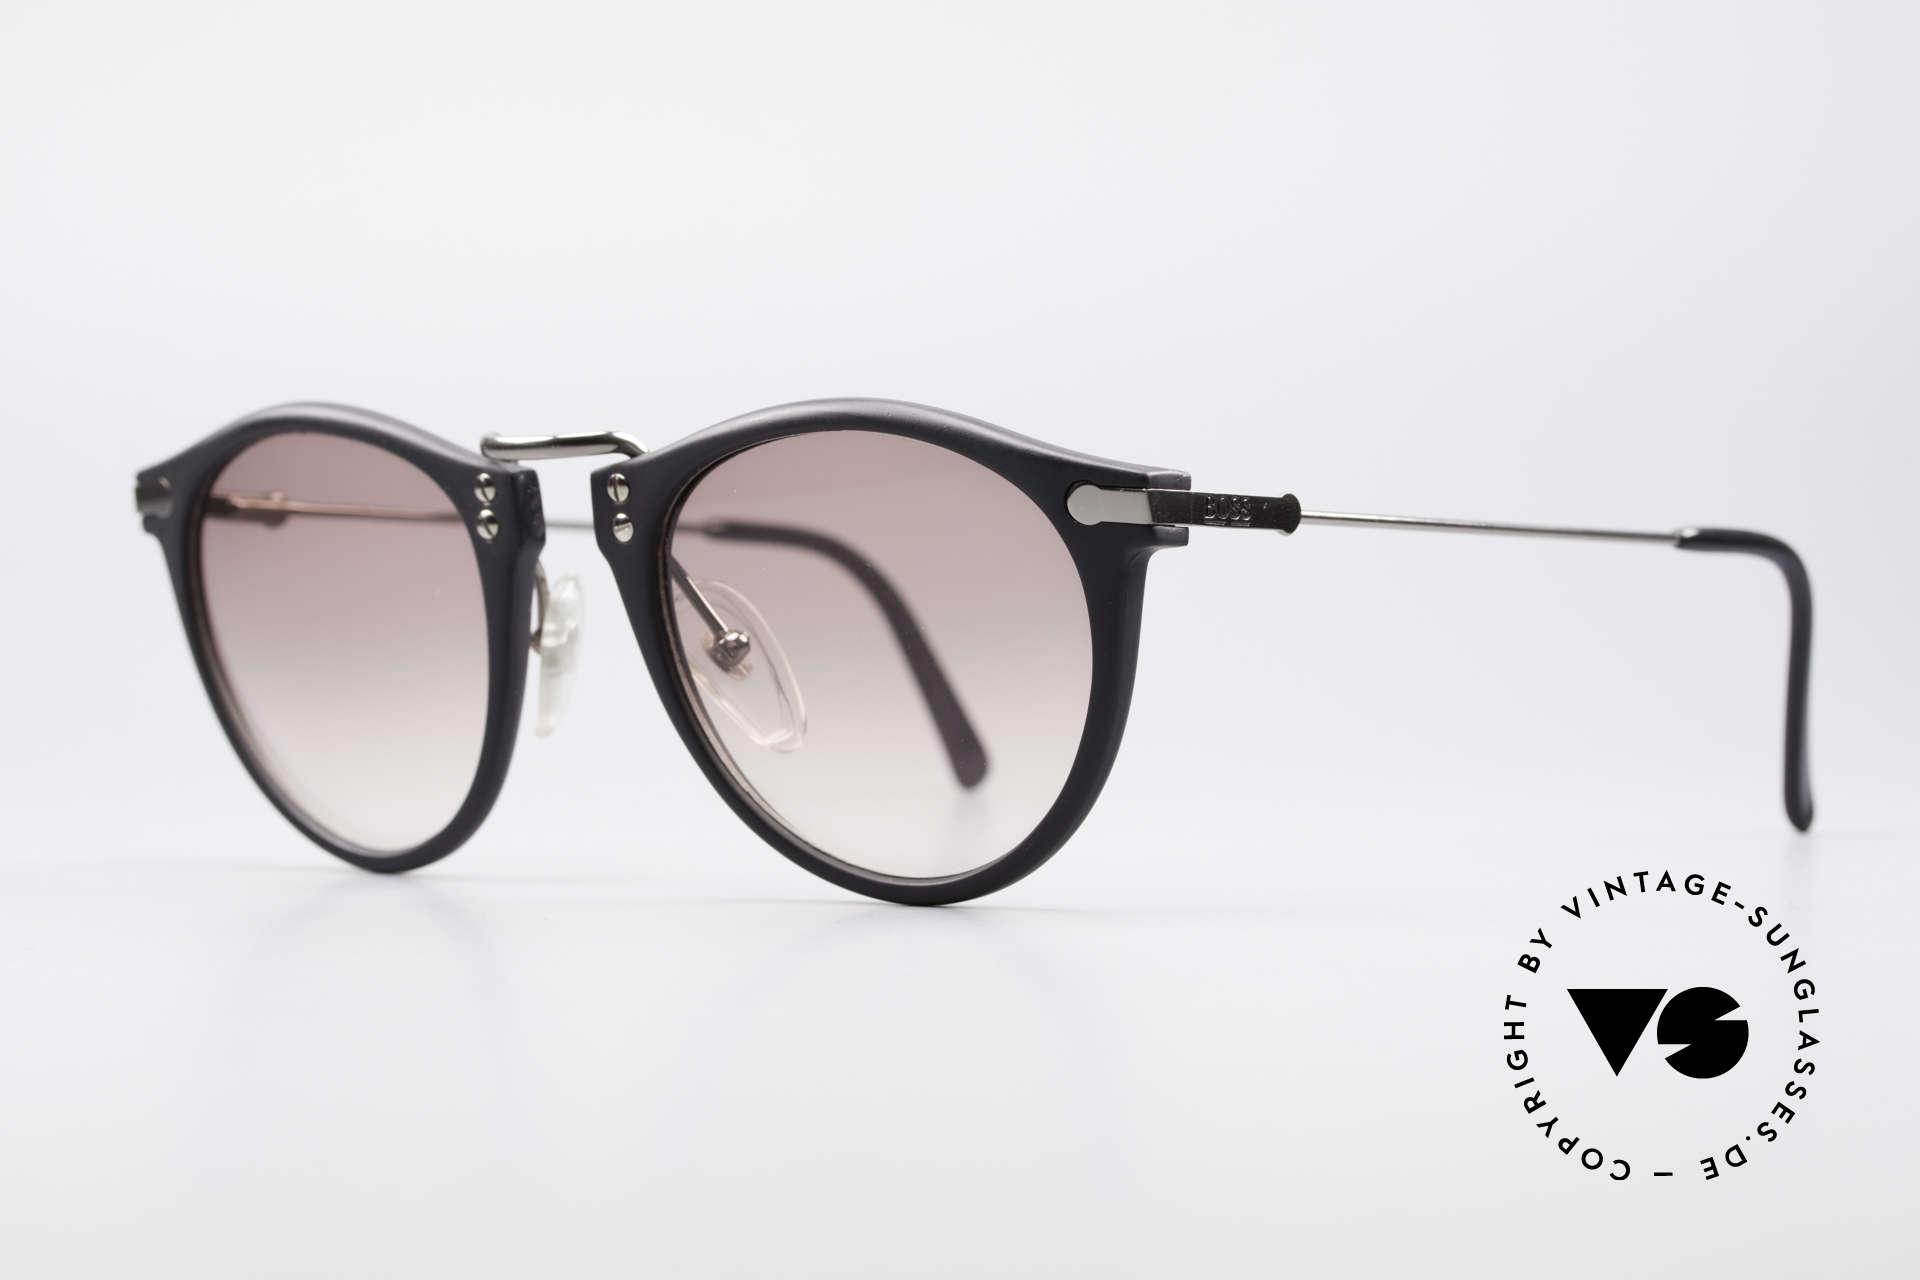 BOSS 5152 - L 90er Panto Sonnenbrille Large, aus damaliger Kooperation zwischen BOSS & Carrera, Passend für Herren